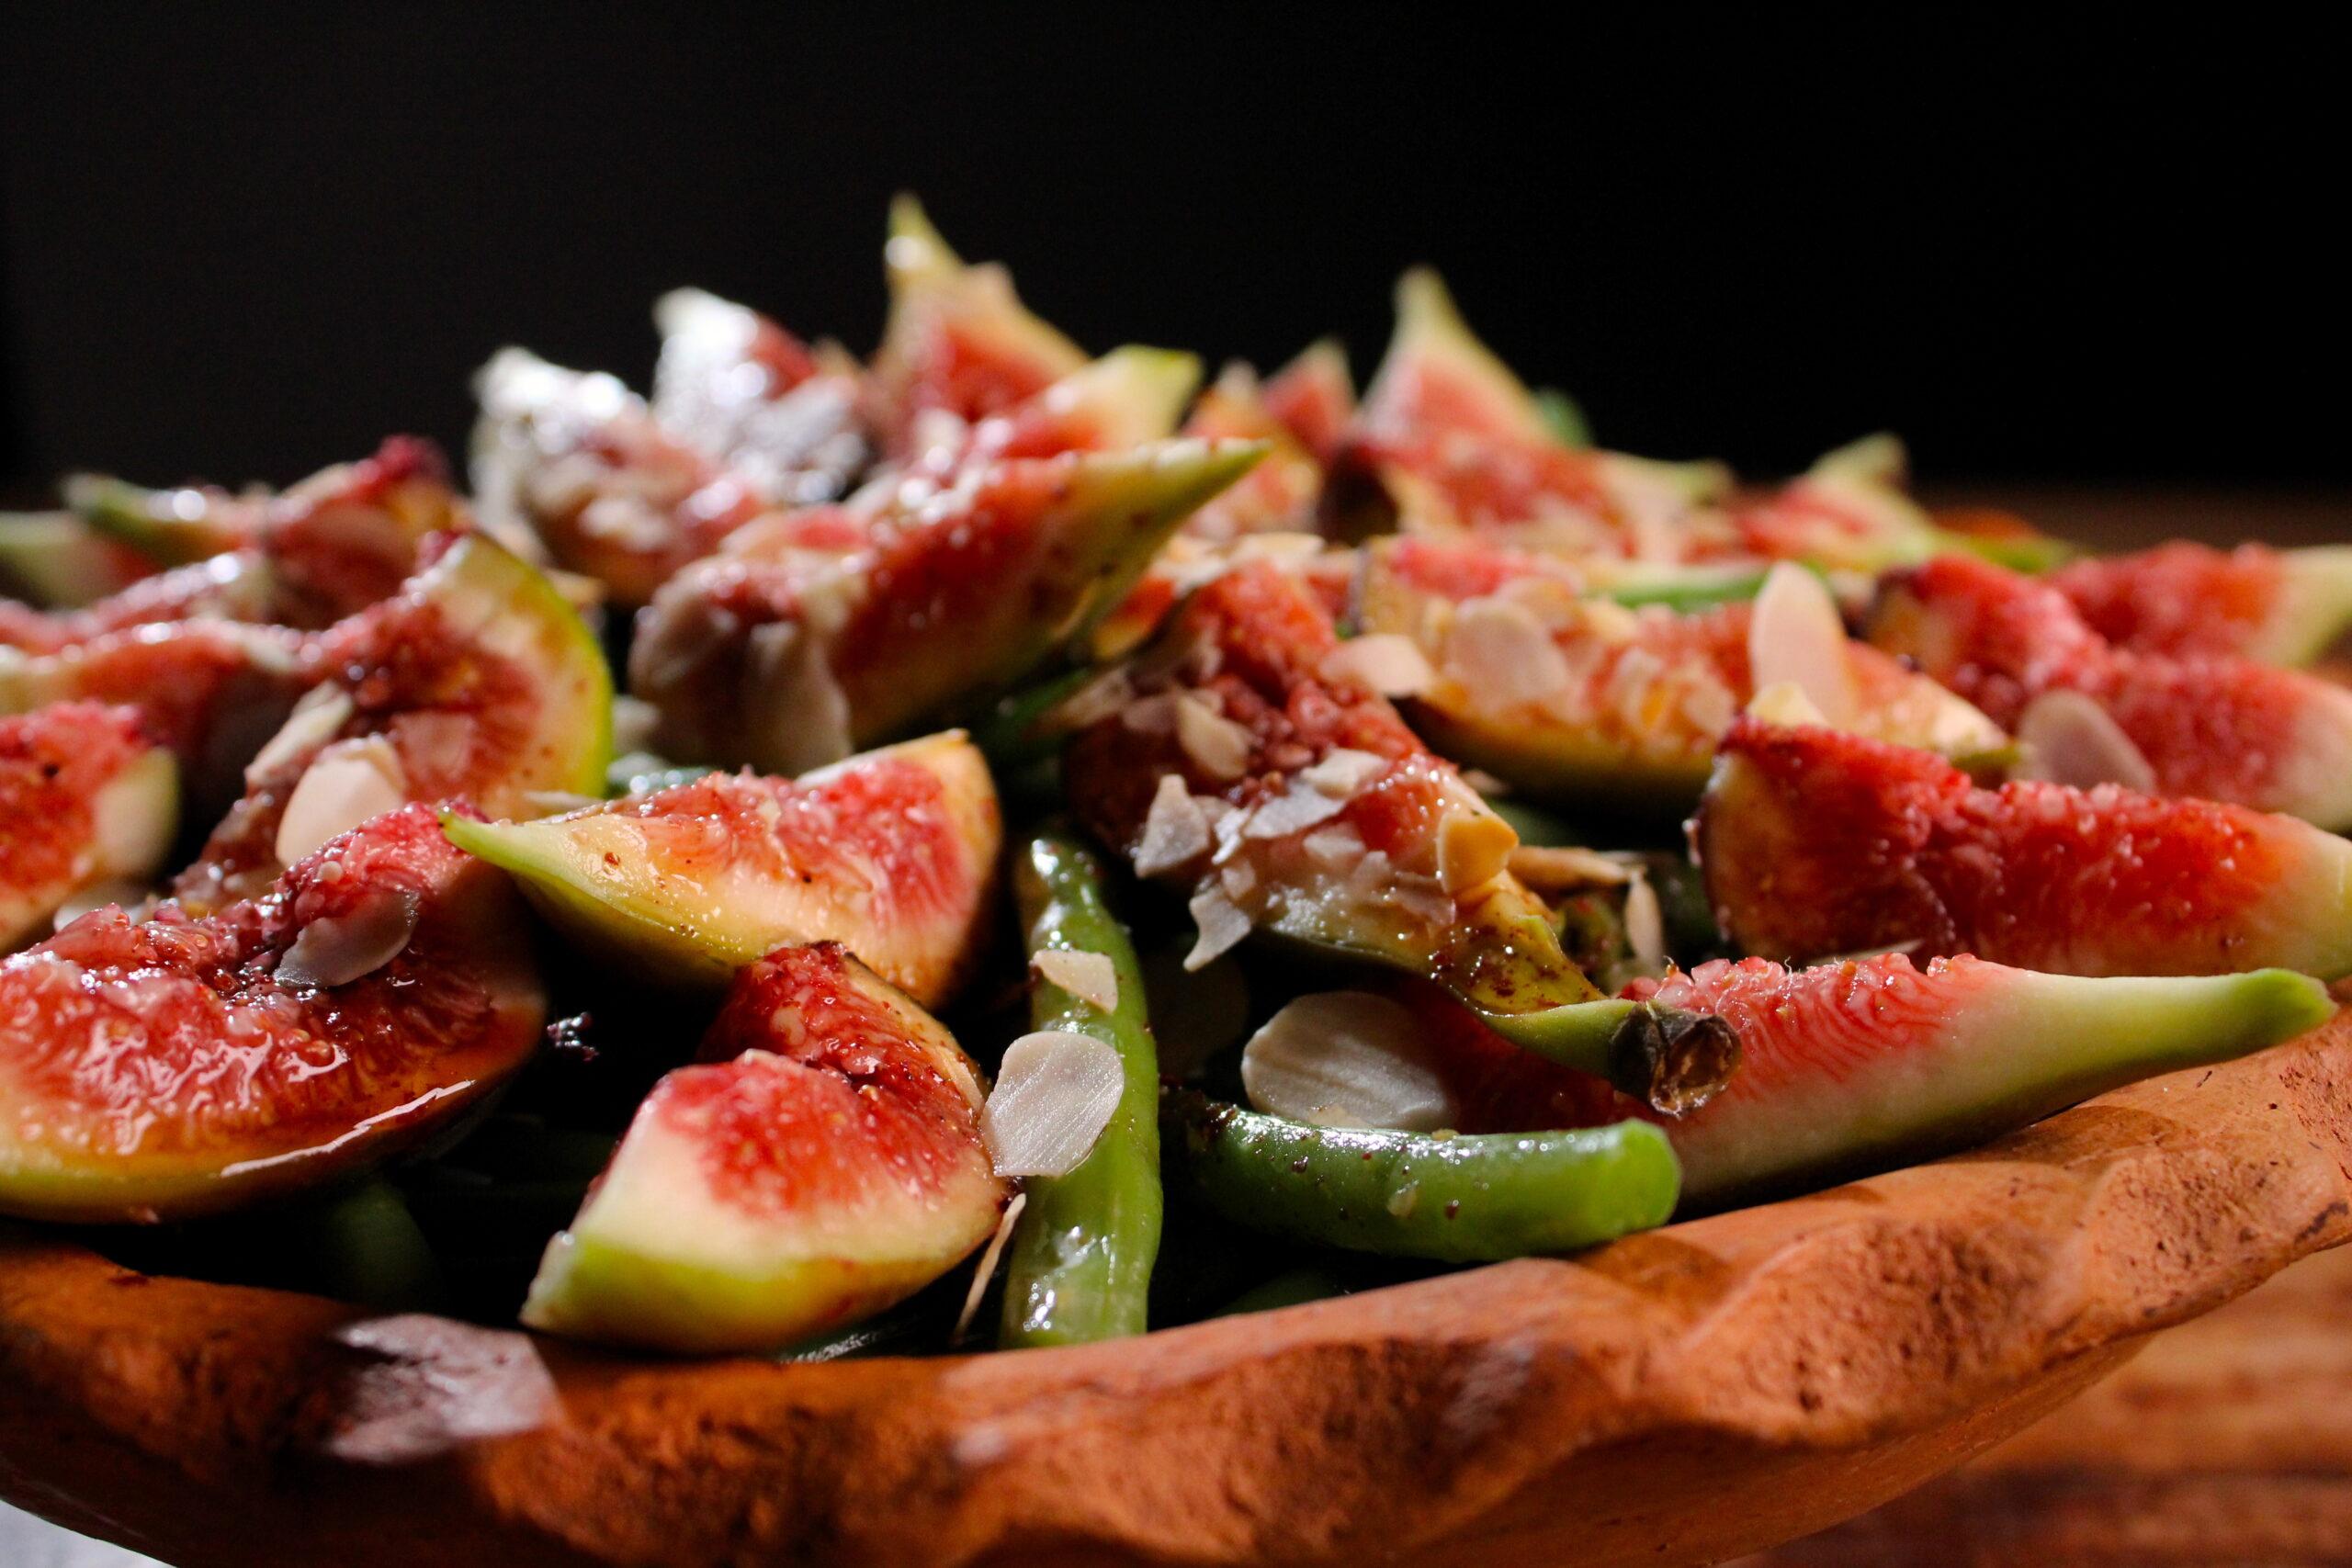 salade-vijgen-sperziebonen-a-la-damaris